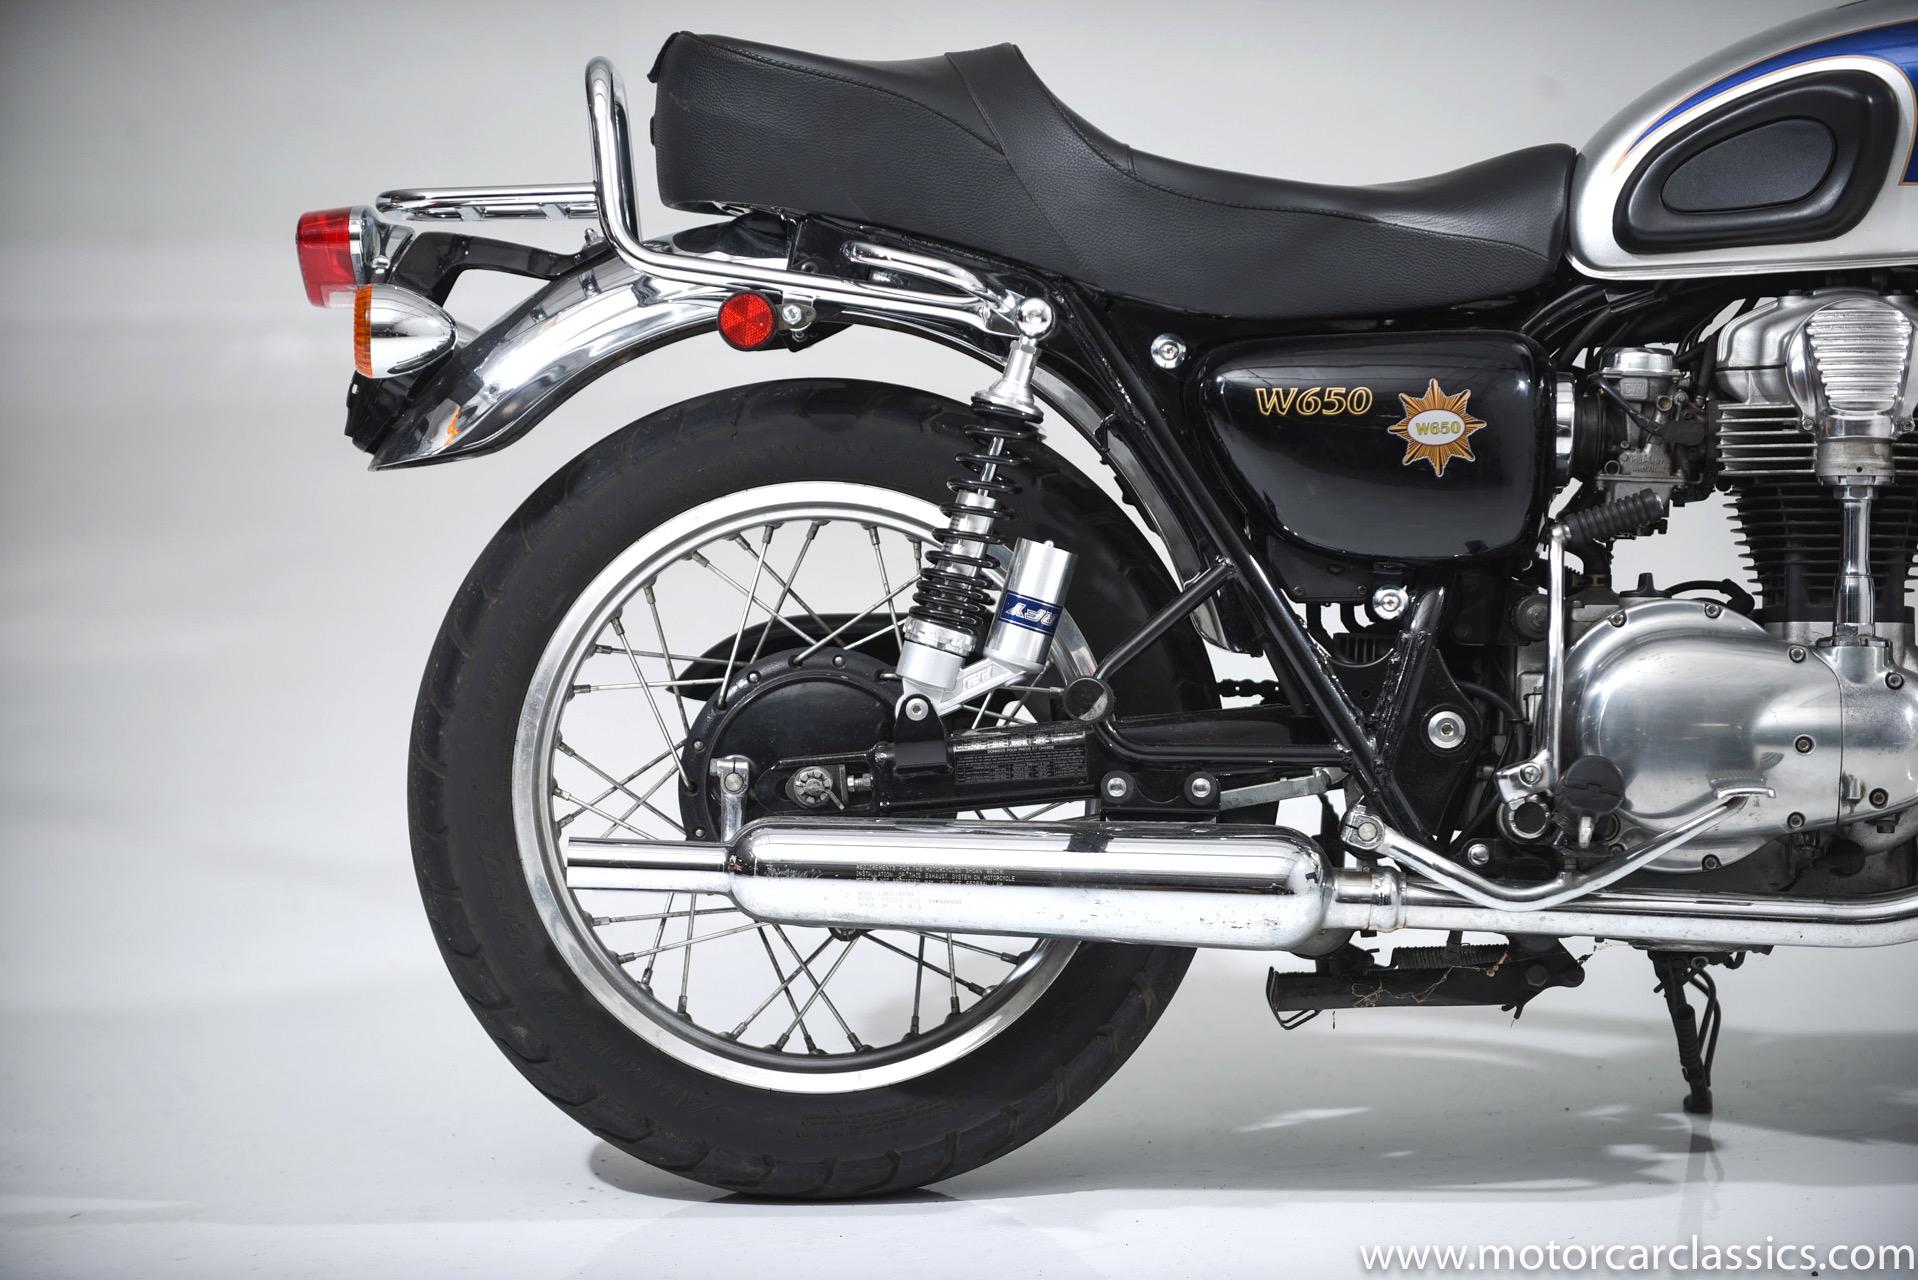 2000 Kawasaki W650